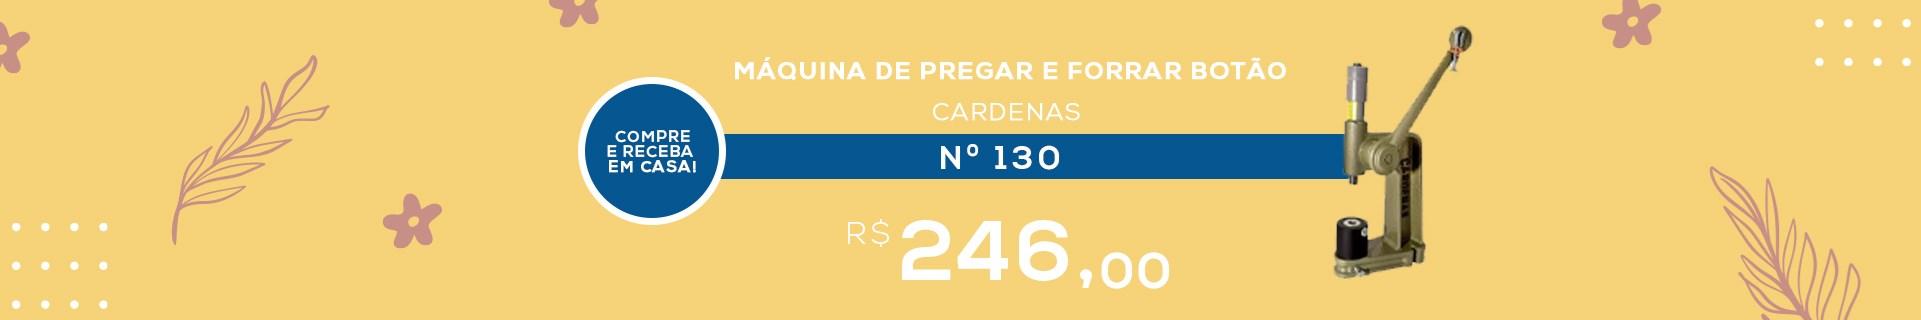 MÁQUINA DE PREGAR E FORRAR BOTÃO CARDENAS N.130